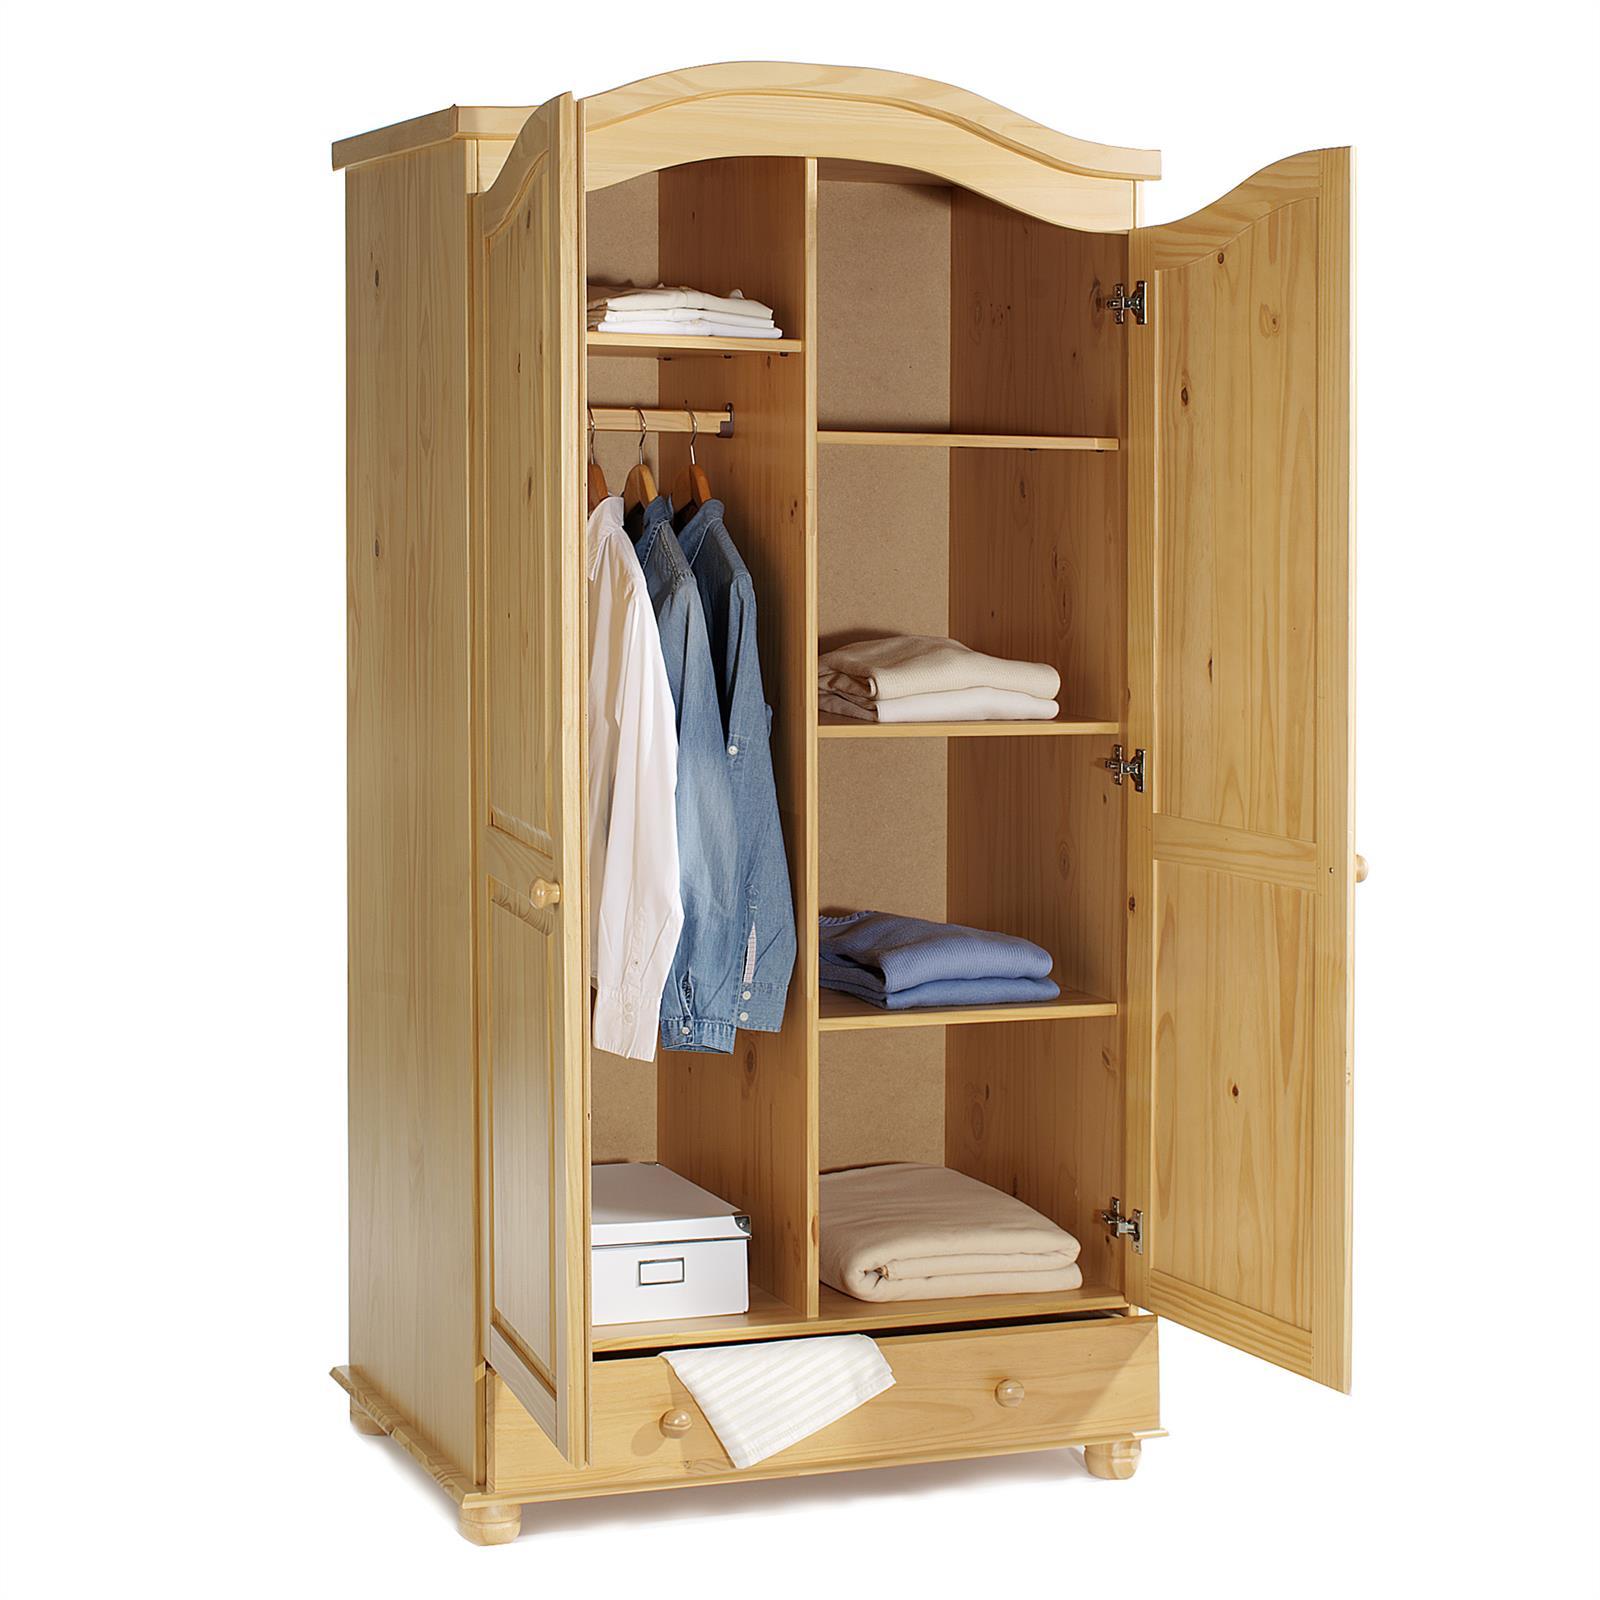 kleiderschrank dielenschrank garderobenschrank landhausstil 2 t ren buchefarben ebay. Black Bedroom Furniture Sets. Home Design Ideas